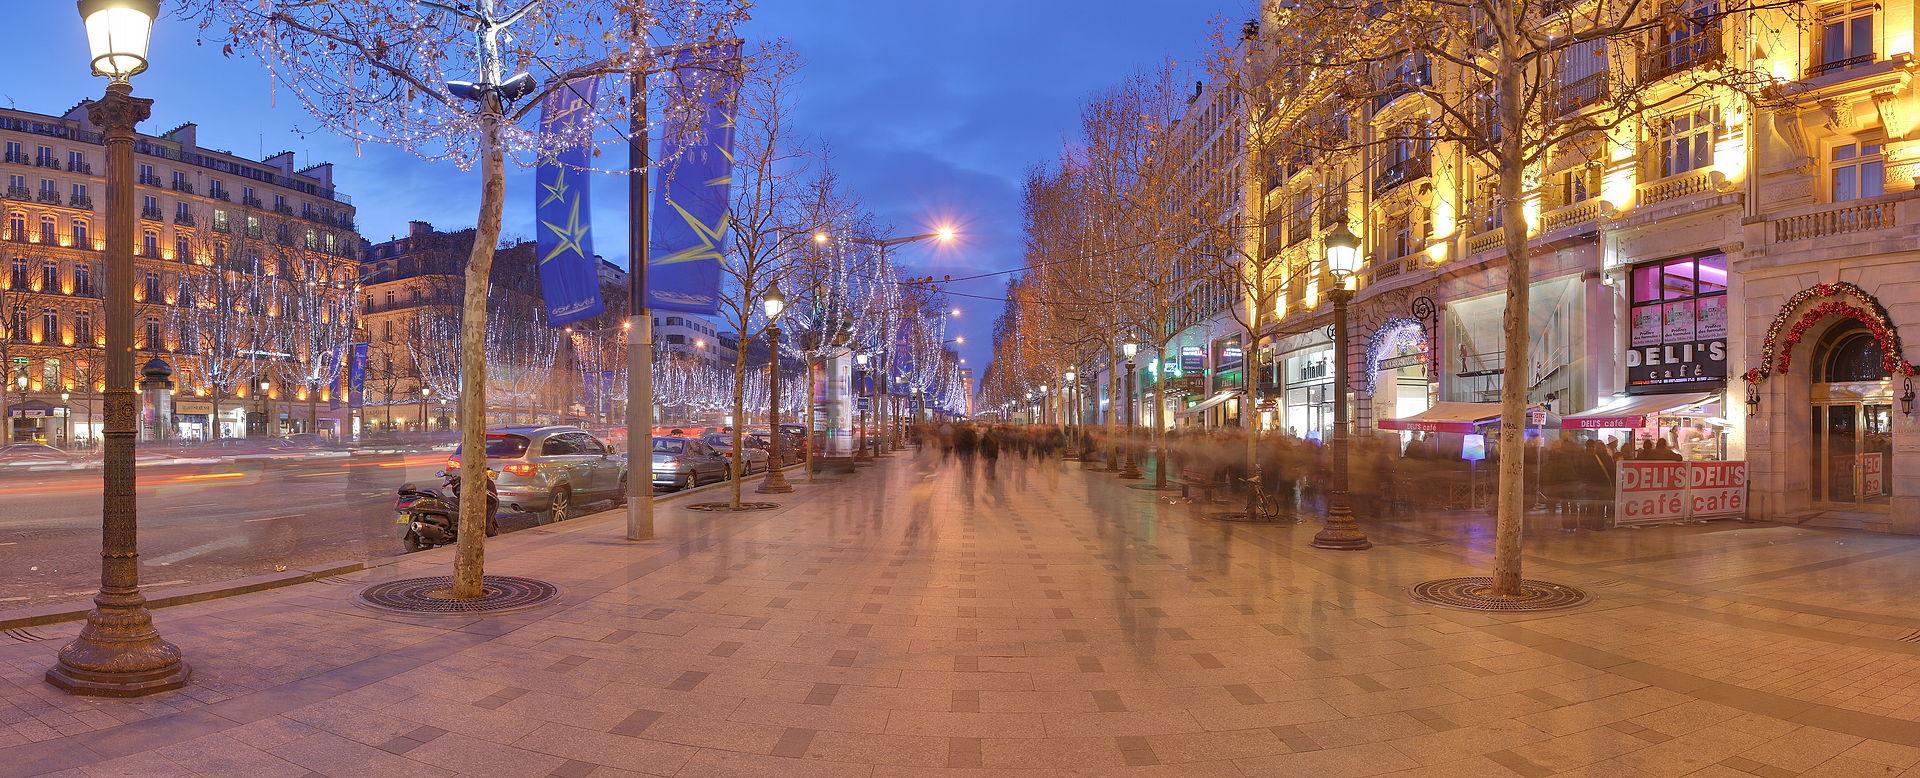 ถนนฌ็องเซลิเซ่ -ร้านค้าหรูหรา